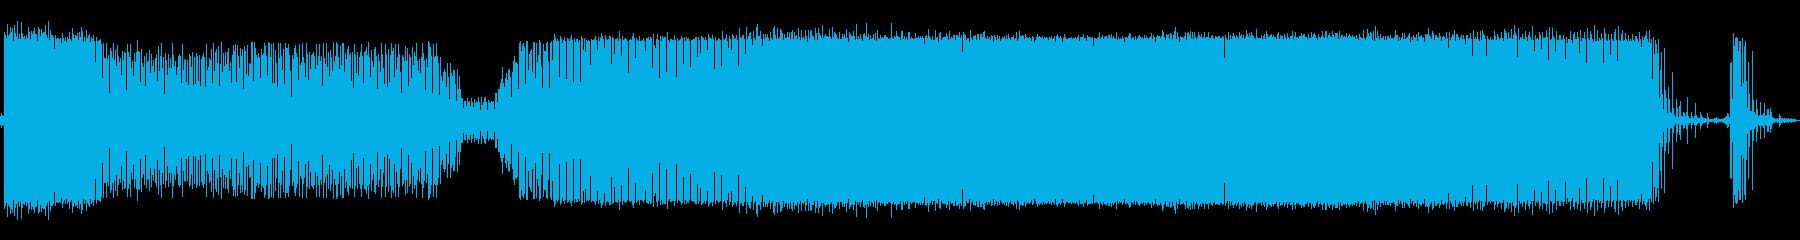 機械ノッキングの再生済みの波形